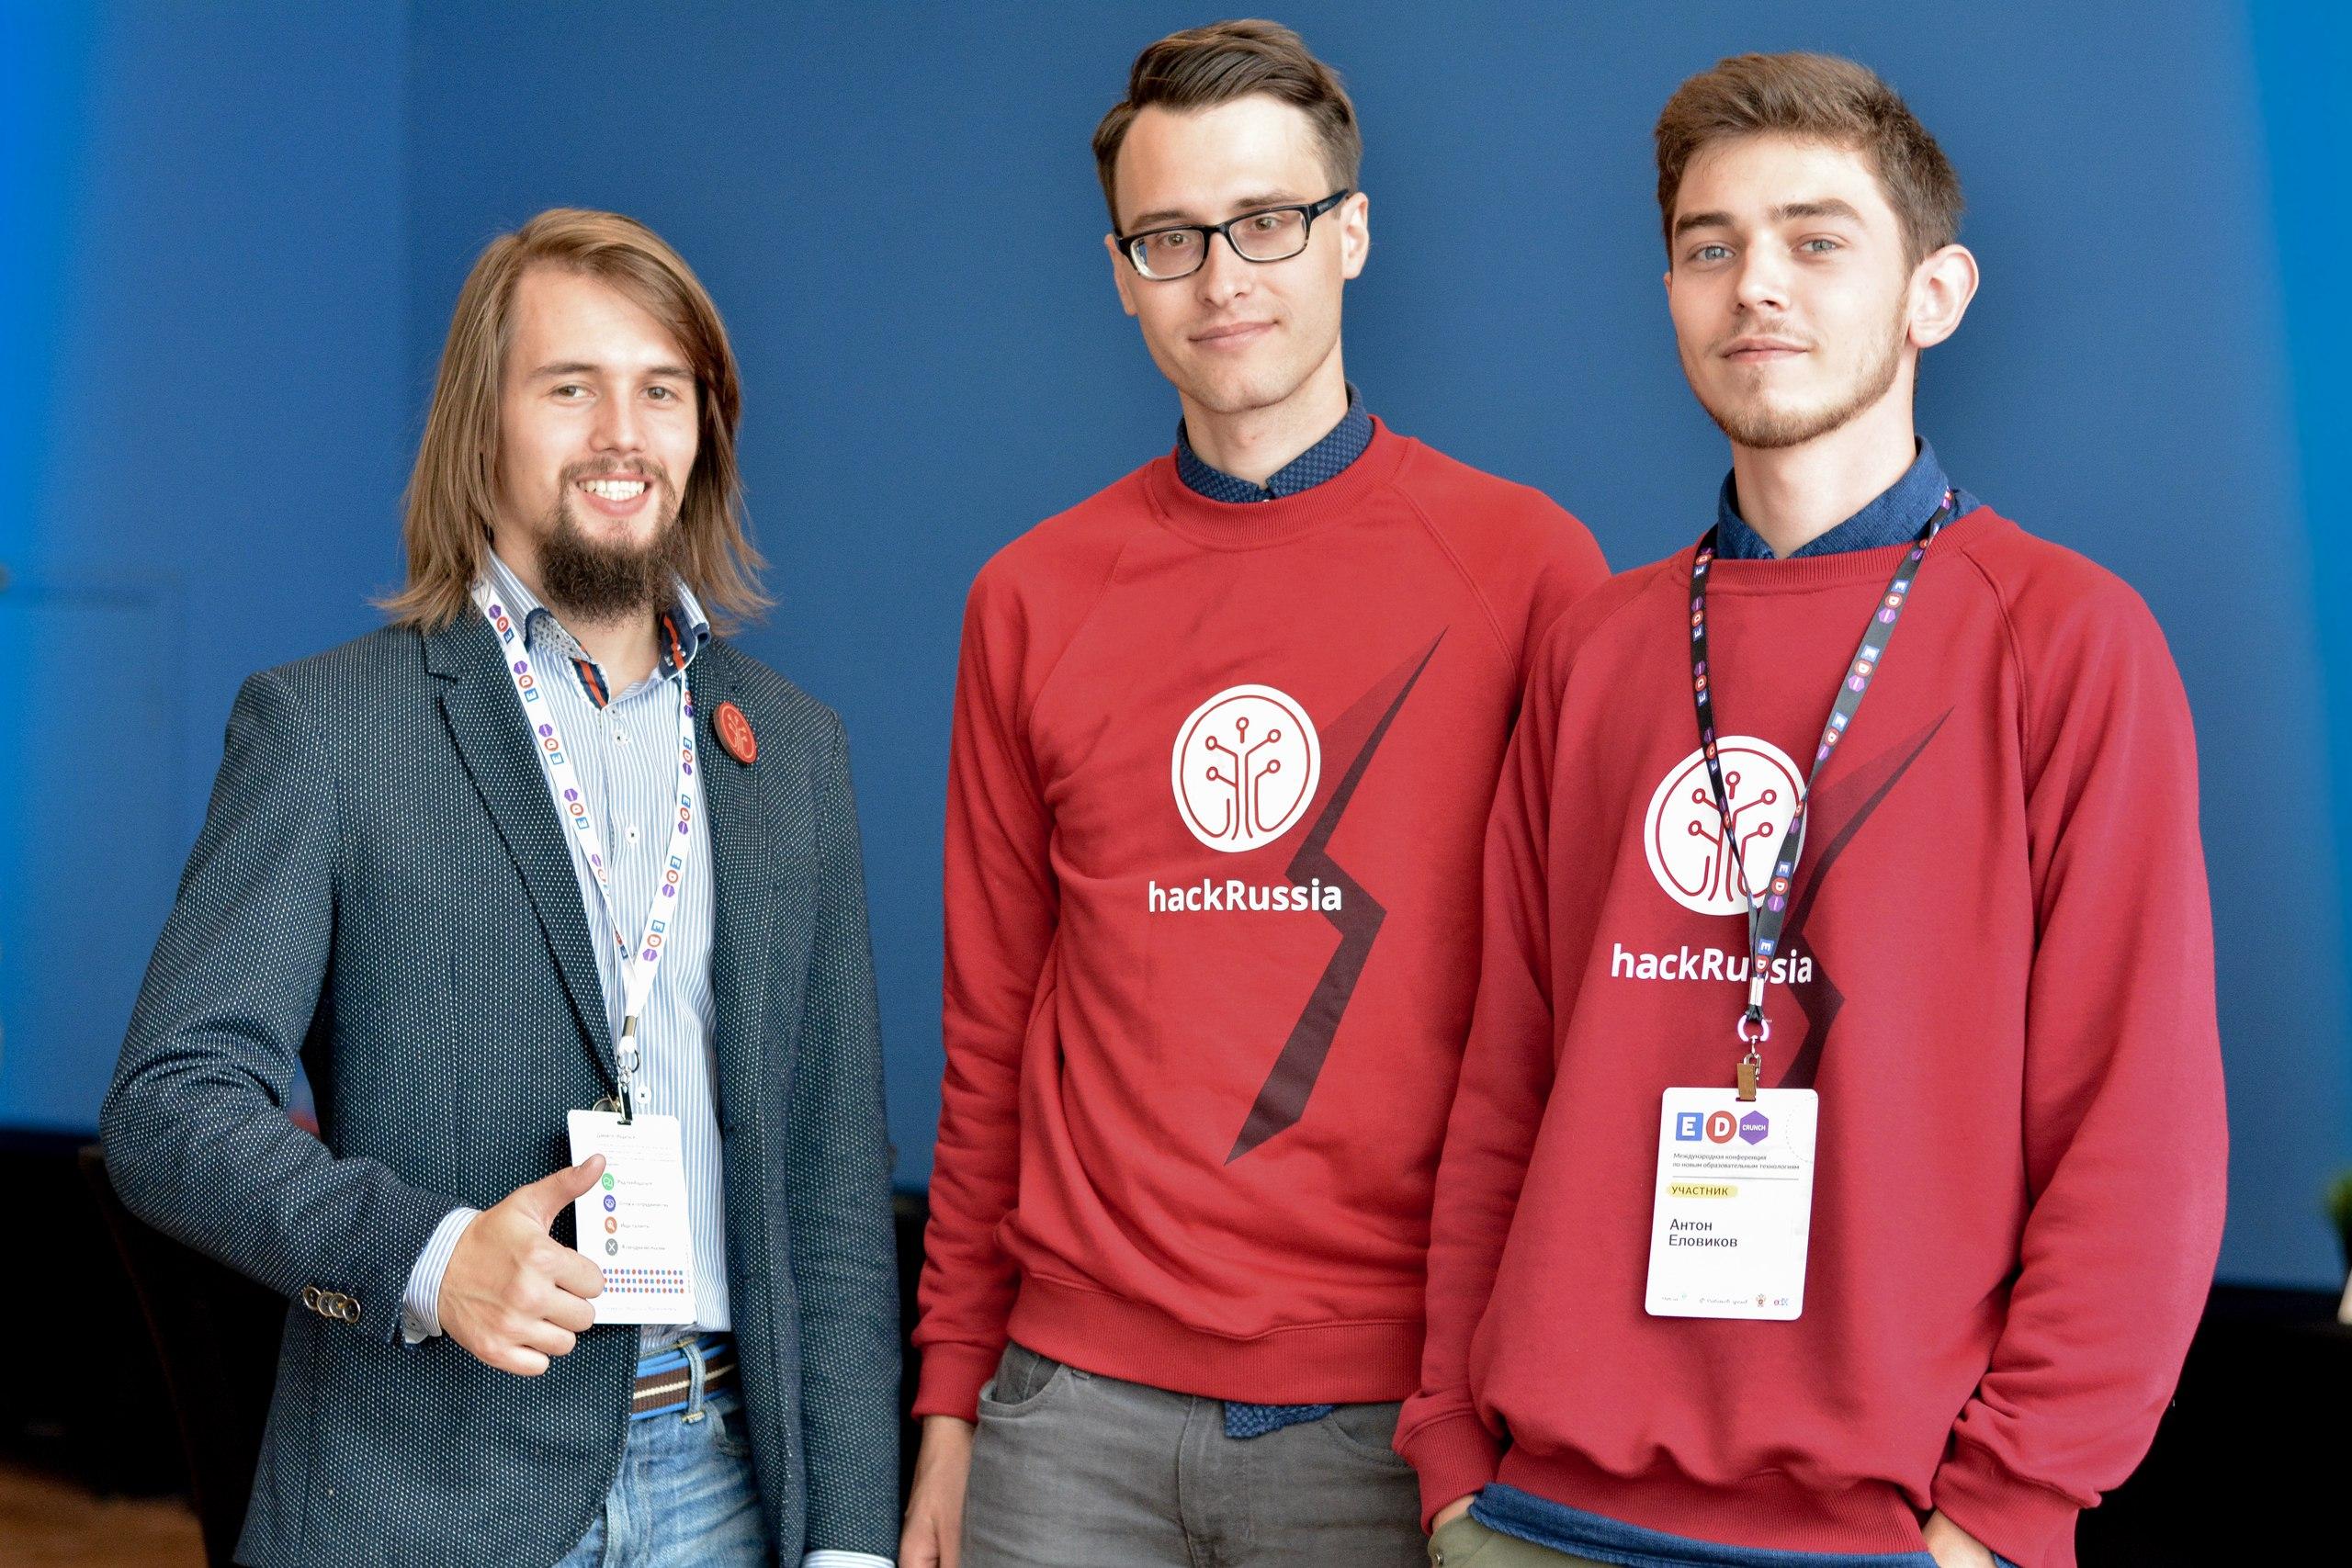 Слева направо: Иван Новосёлов (работа с участниками), Денис Самуйлов (руководитель проекта), Антон Еловиков (брендинг)